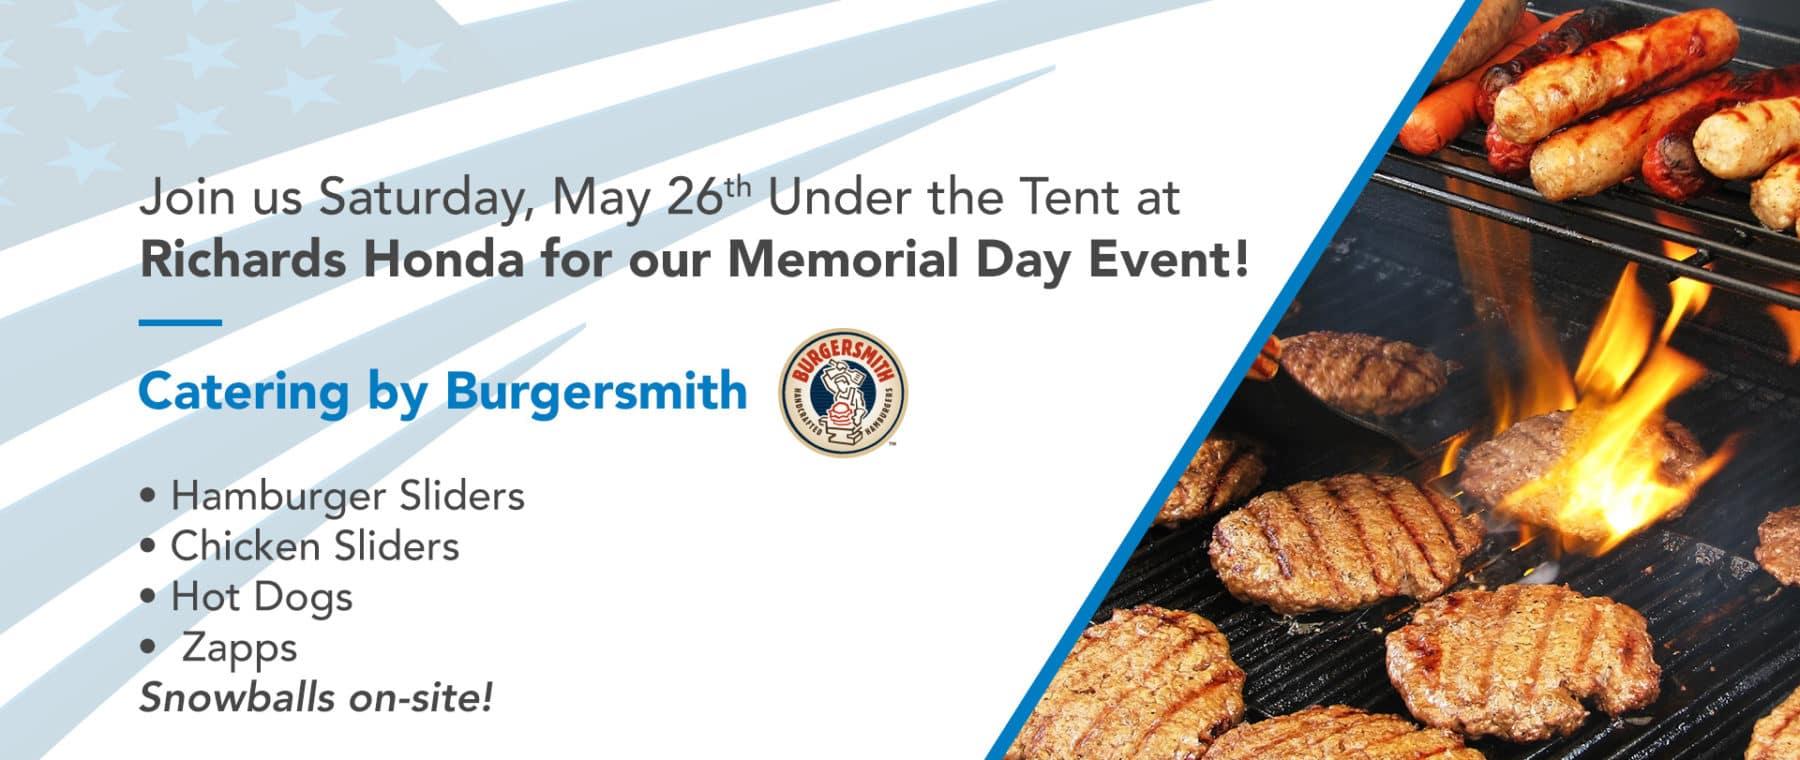 Memorial Day Event May 26th at Richards Honda